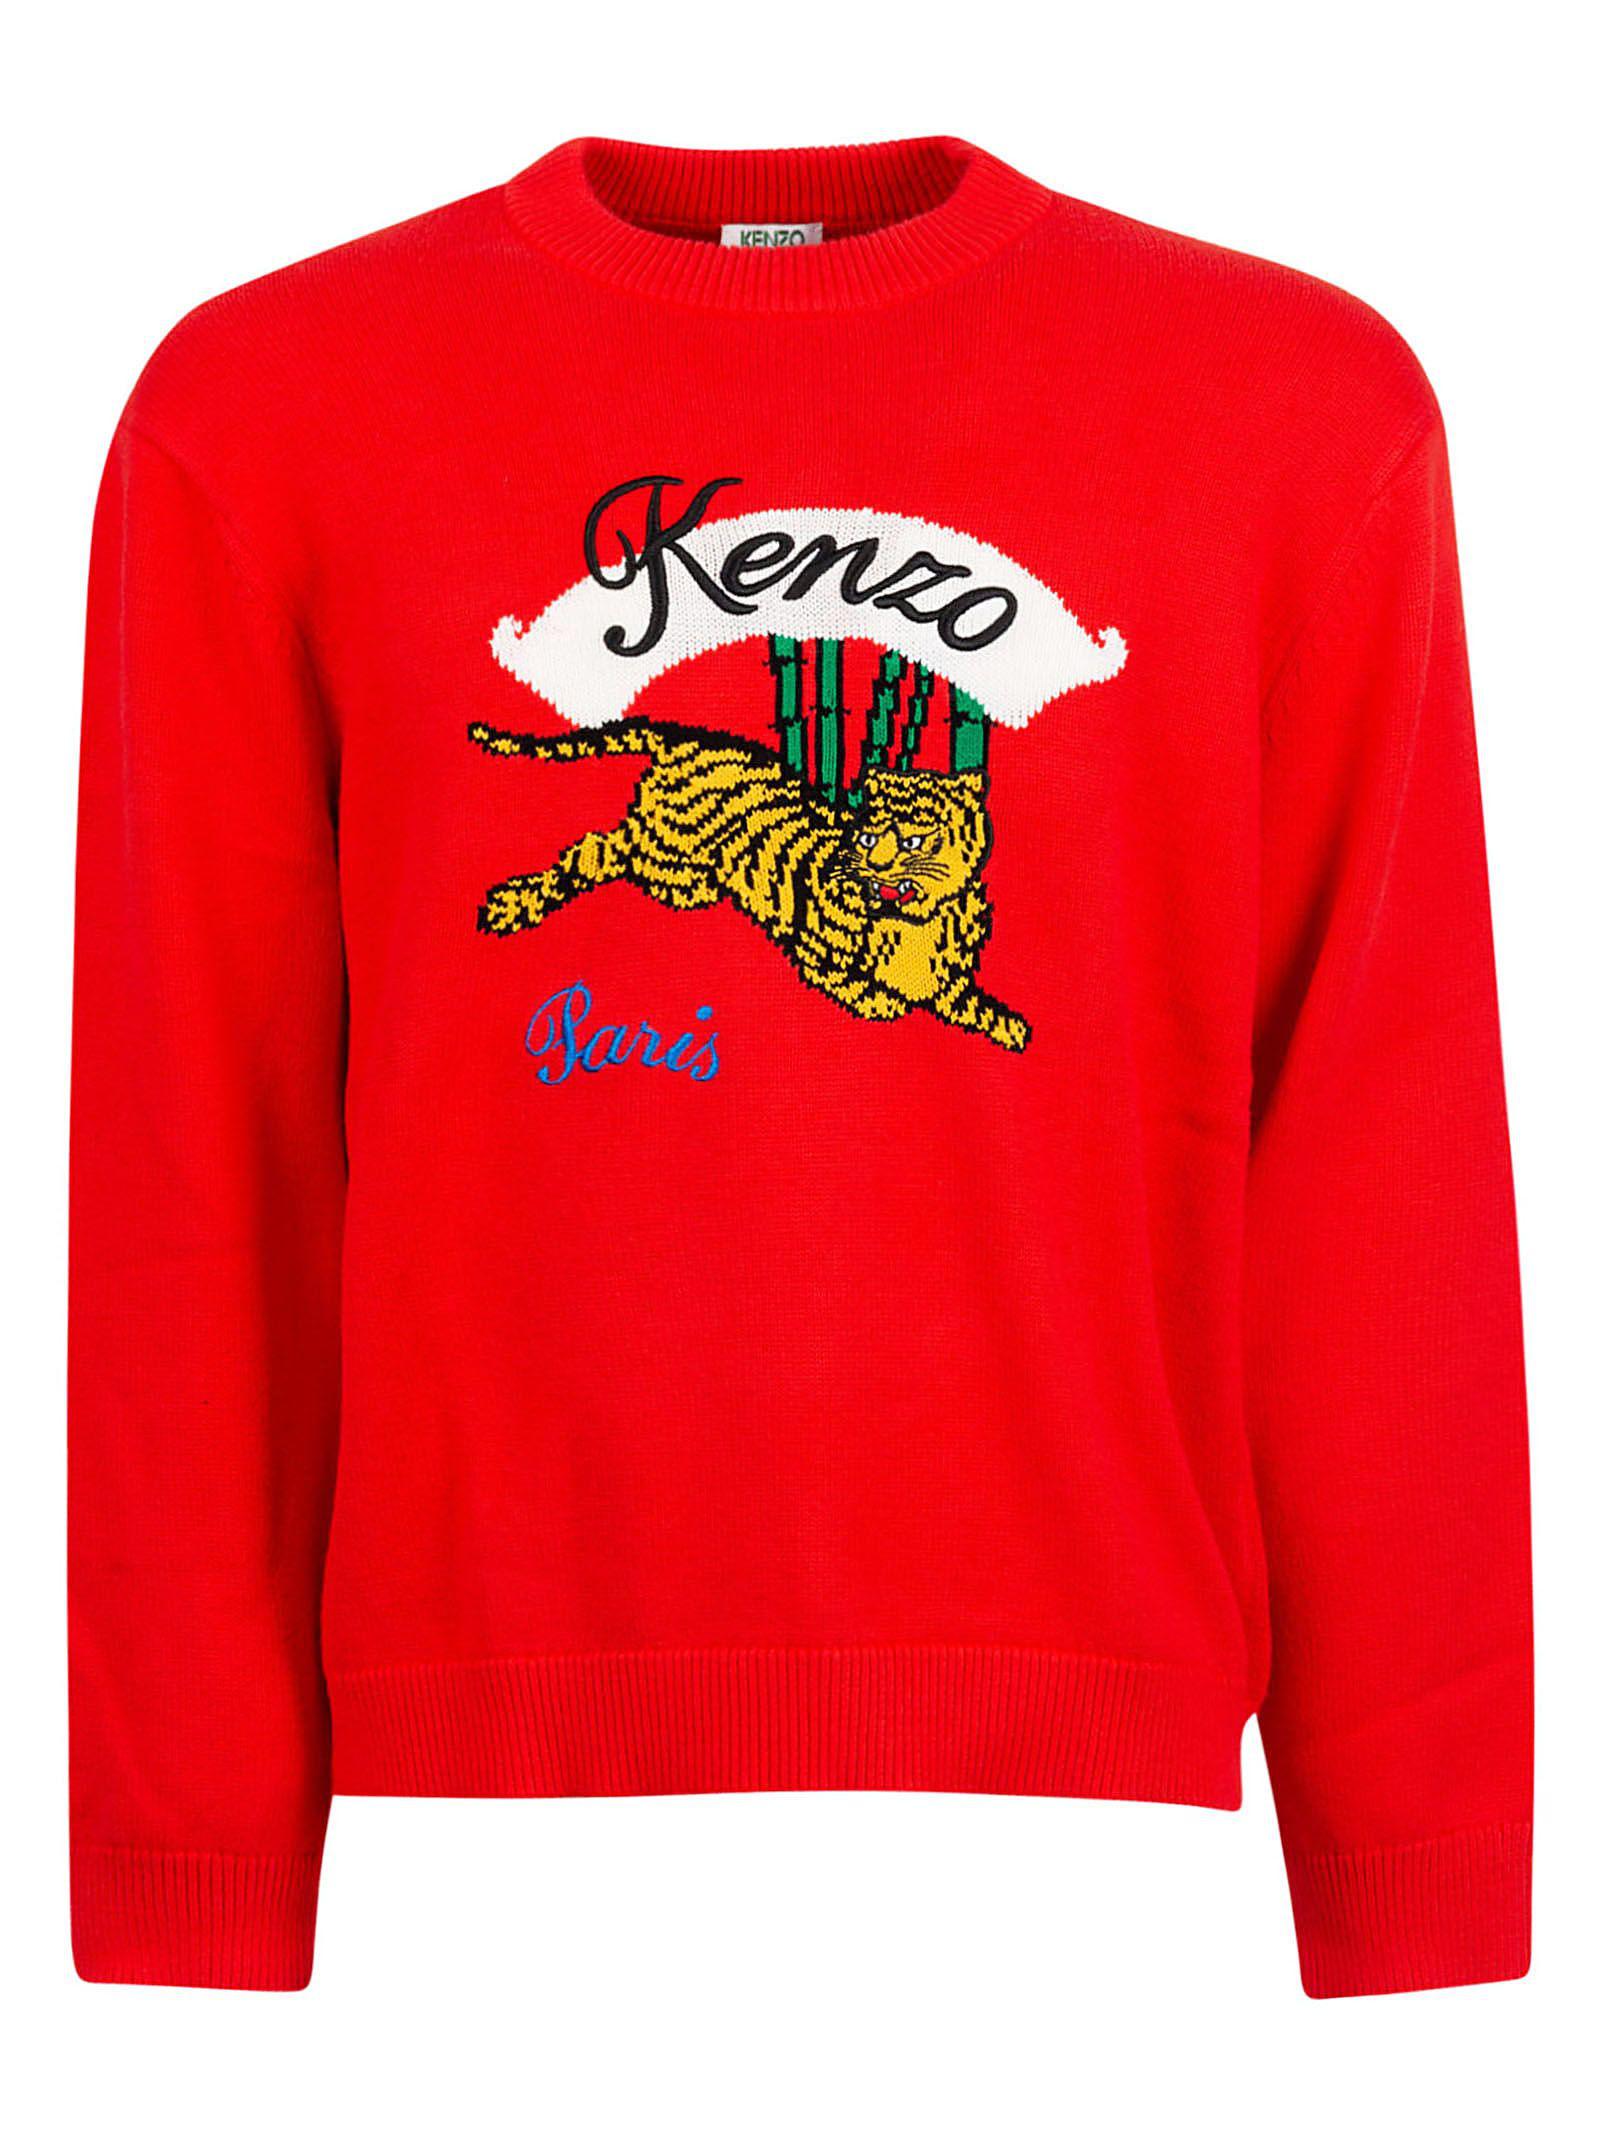 255edc89 Kenzo Embroidered Tiger Sweatshirt In Rouge Moyen | ModeSens